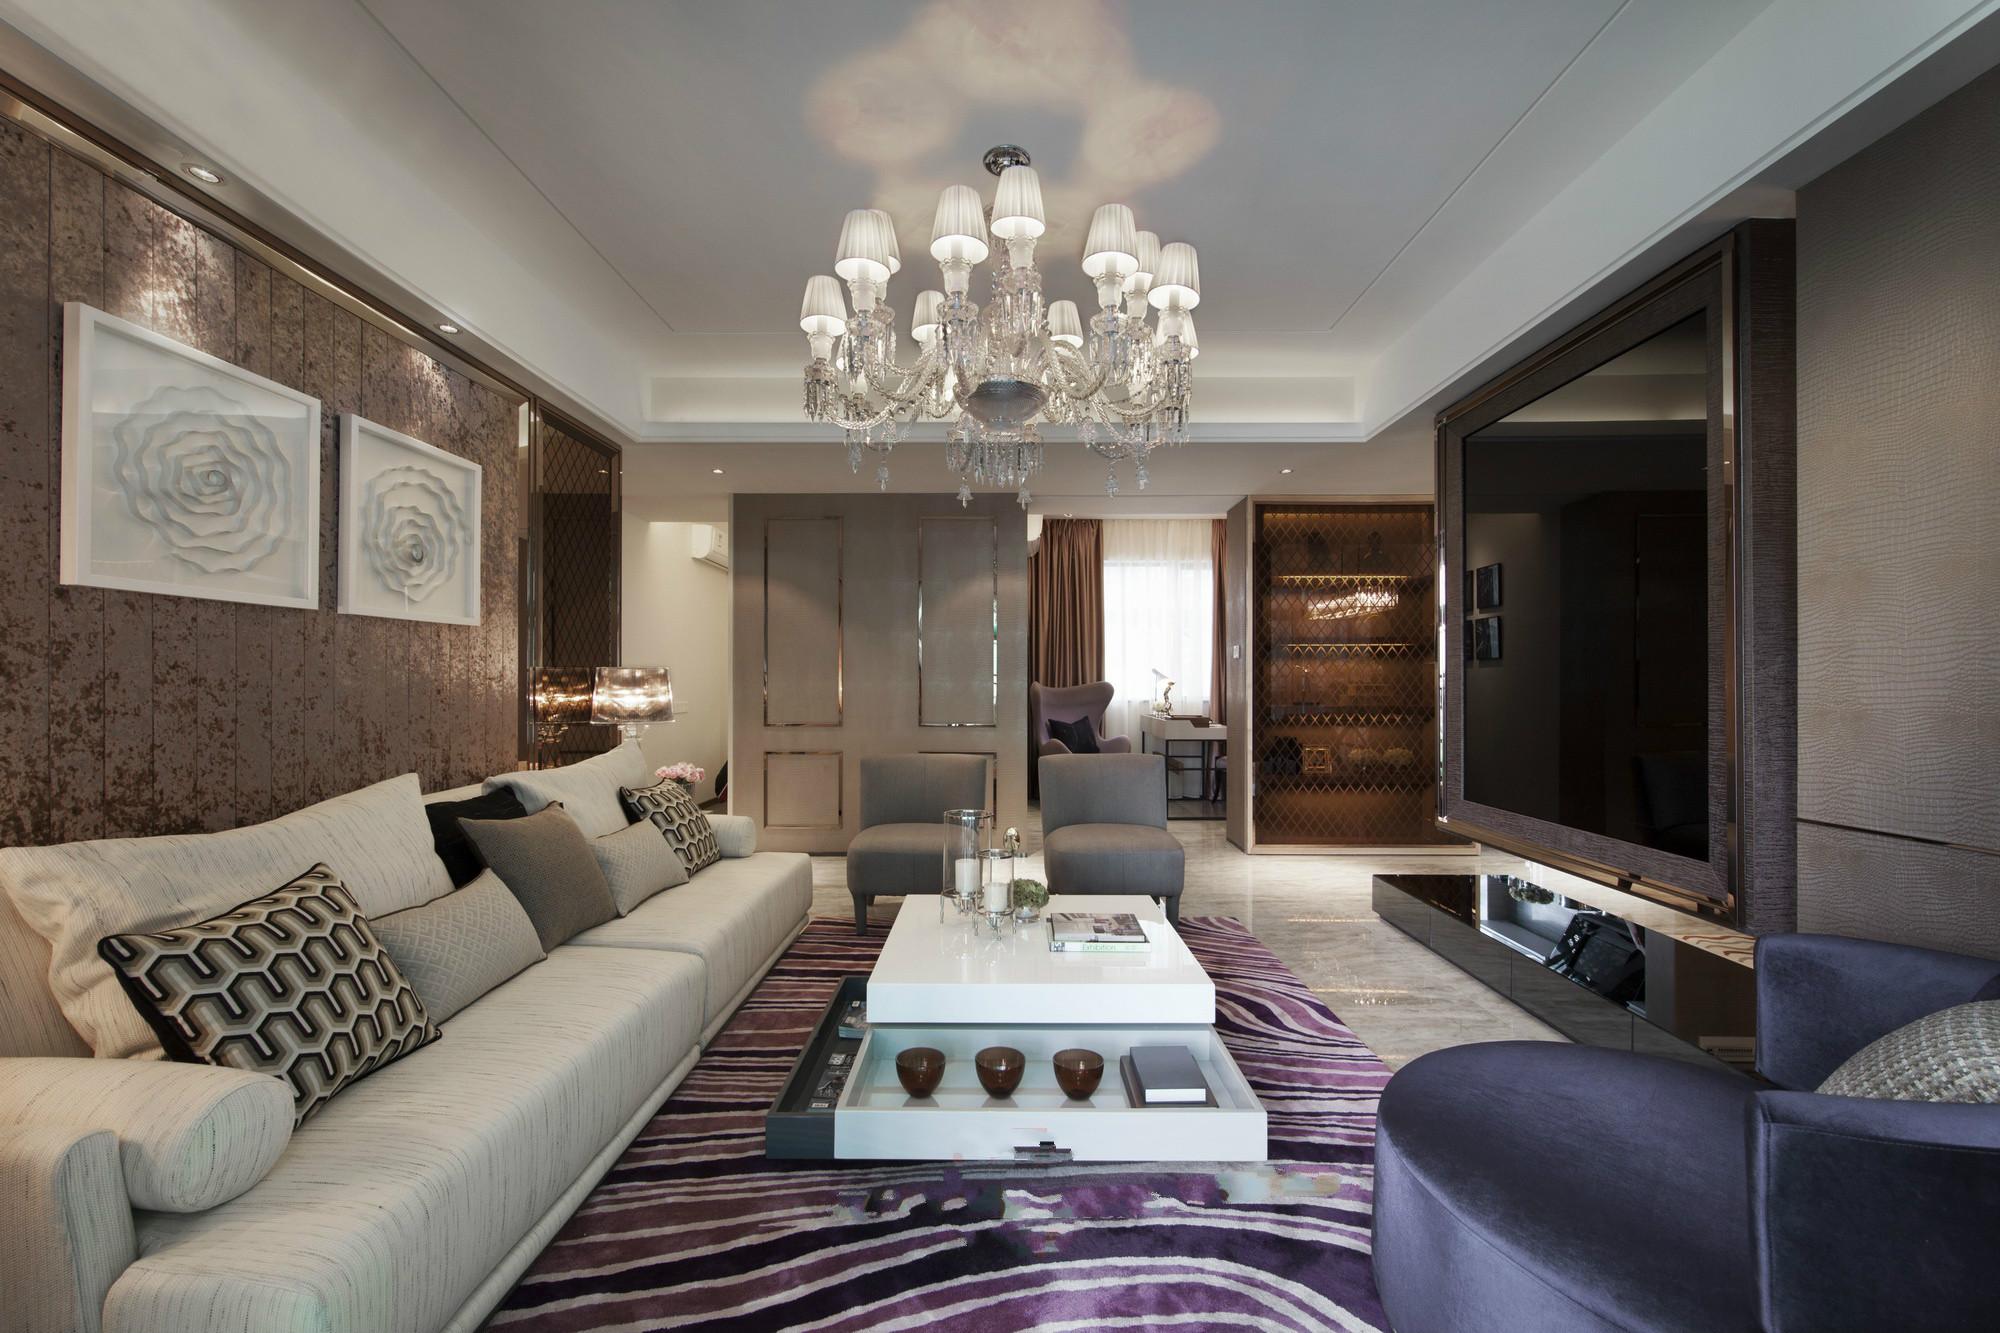 客厅中放置着大型纹络状的布面沙发,沙发的背景墙则是以冷色系而成,很是别致